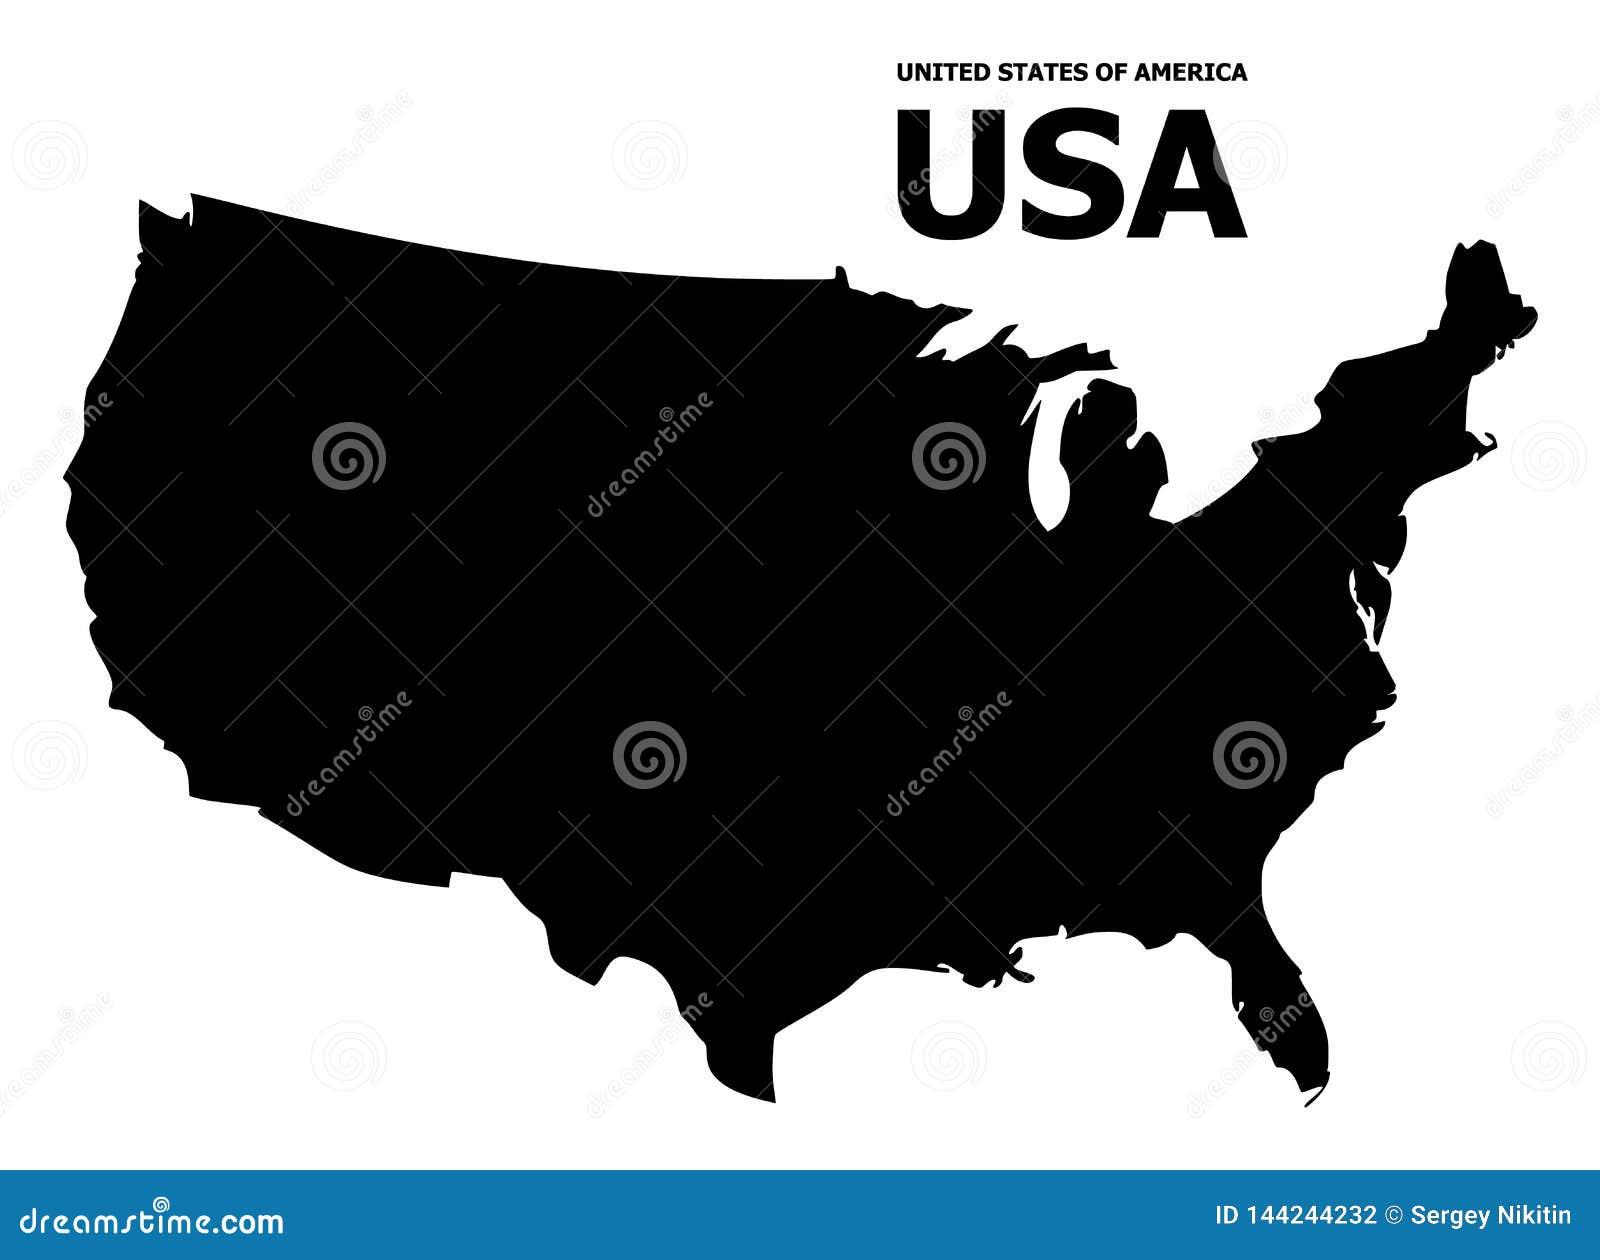 Διανυσματικός επίπεδος χάρτης των ΗΠΑ με τον τίτλο